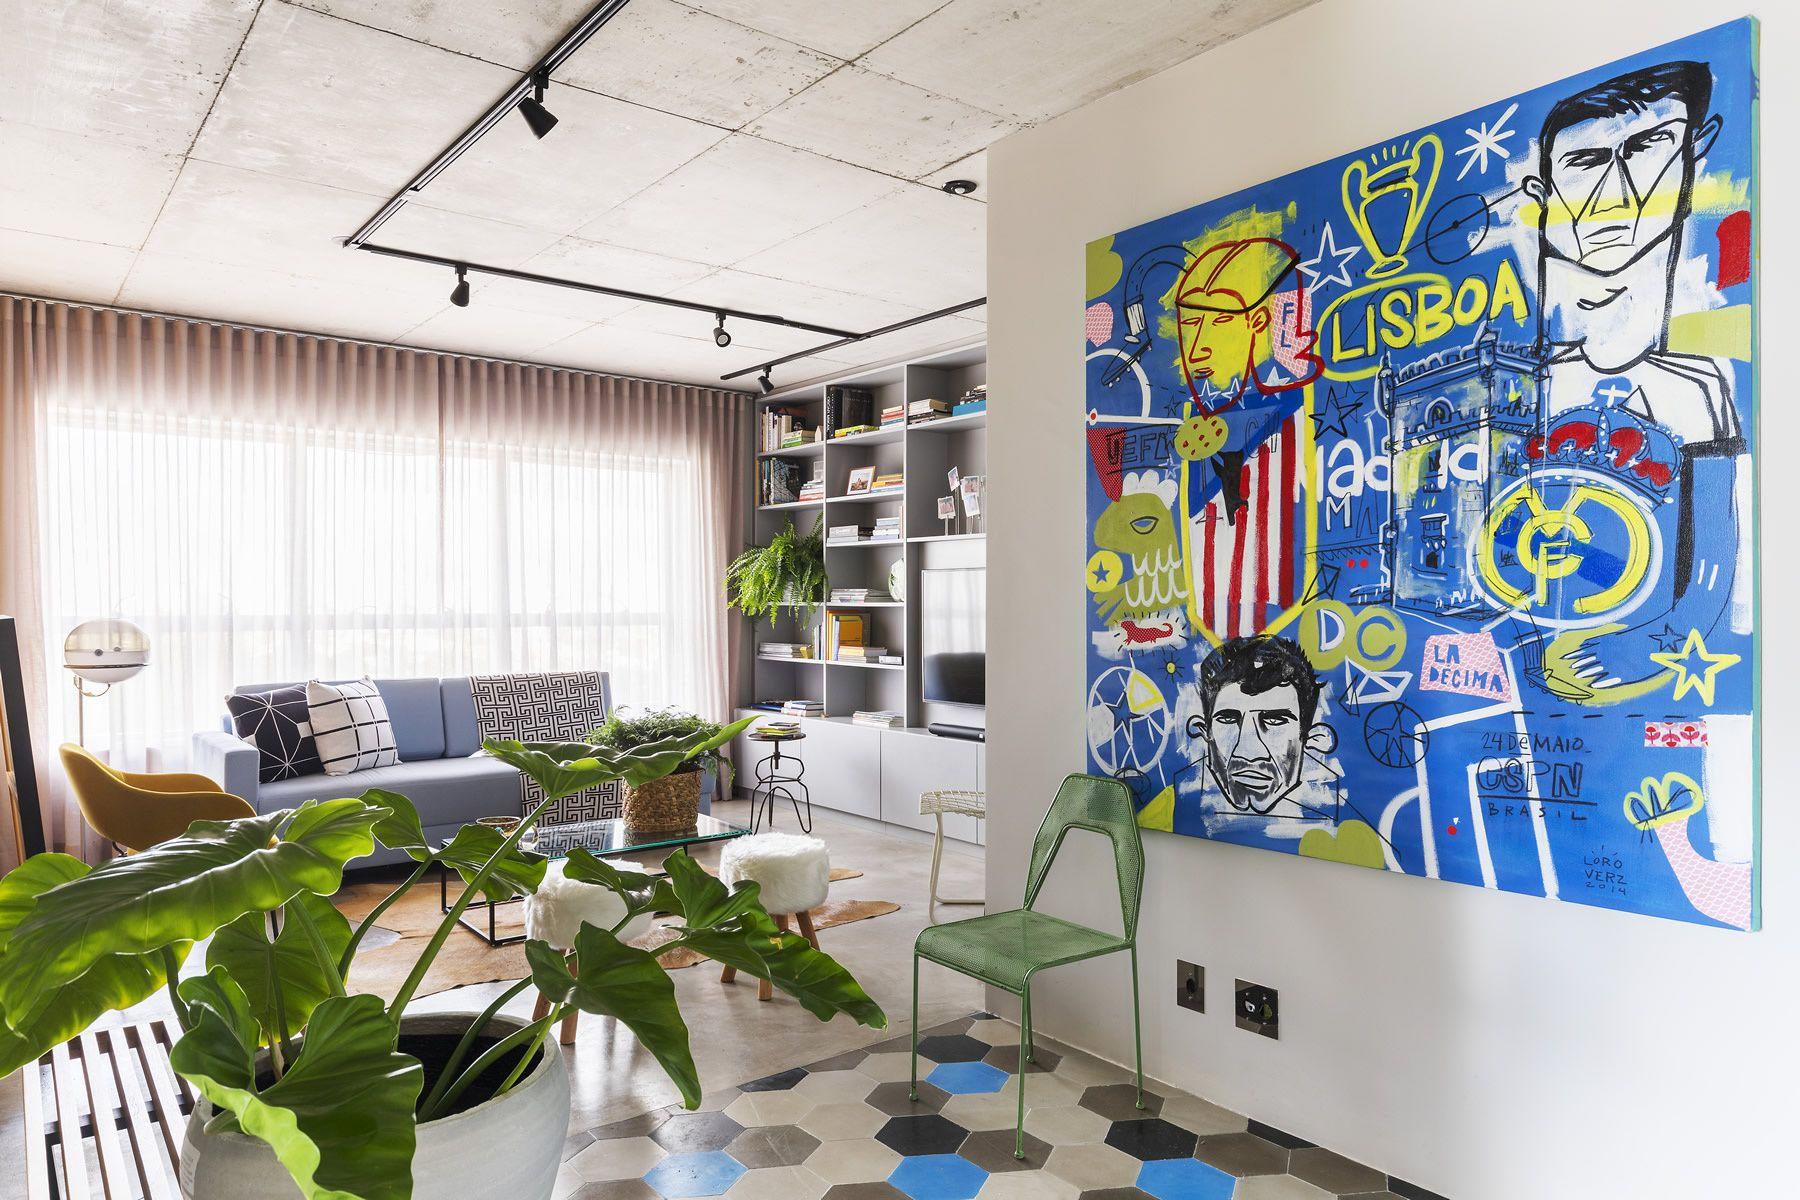 Retro Art Woonkamer : Deze moderne woonkamer heeft een stoer vintage tintje gekregen m